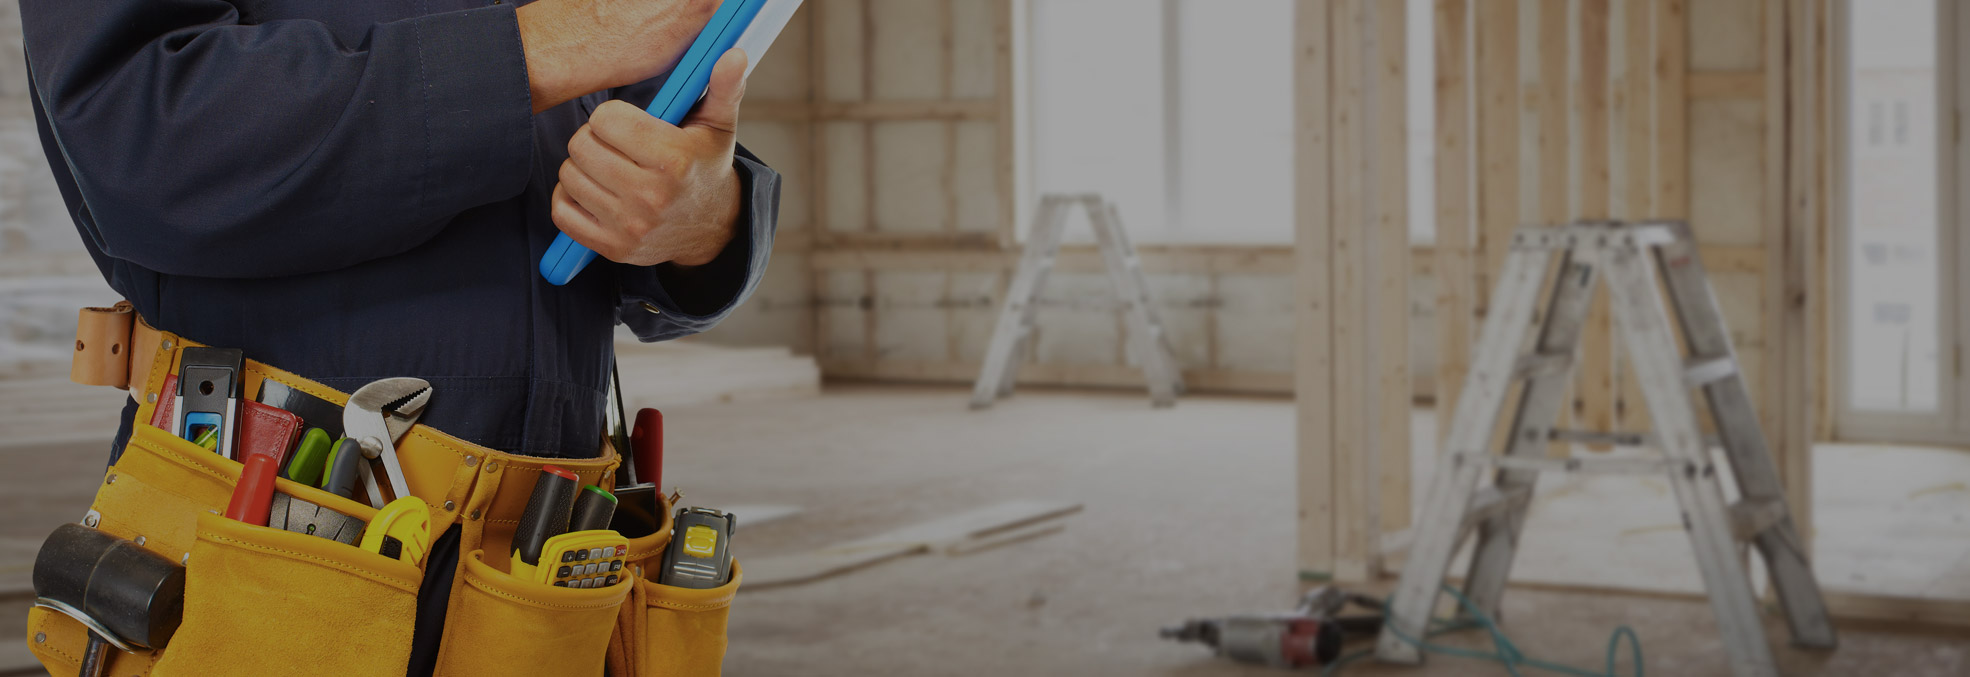 Spazio33 Consulting - Facility Management, valutazione immobili